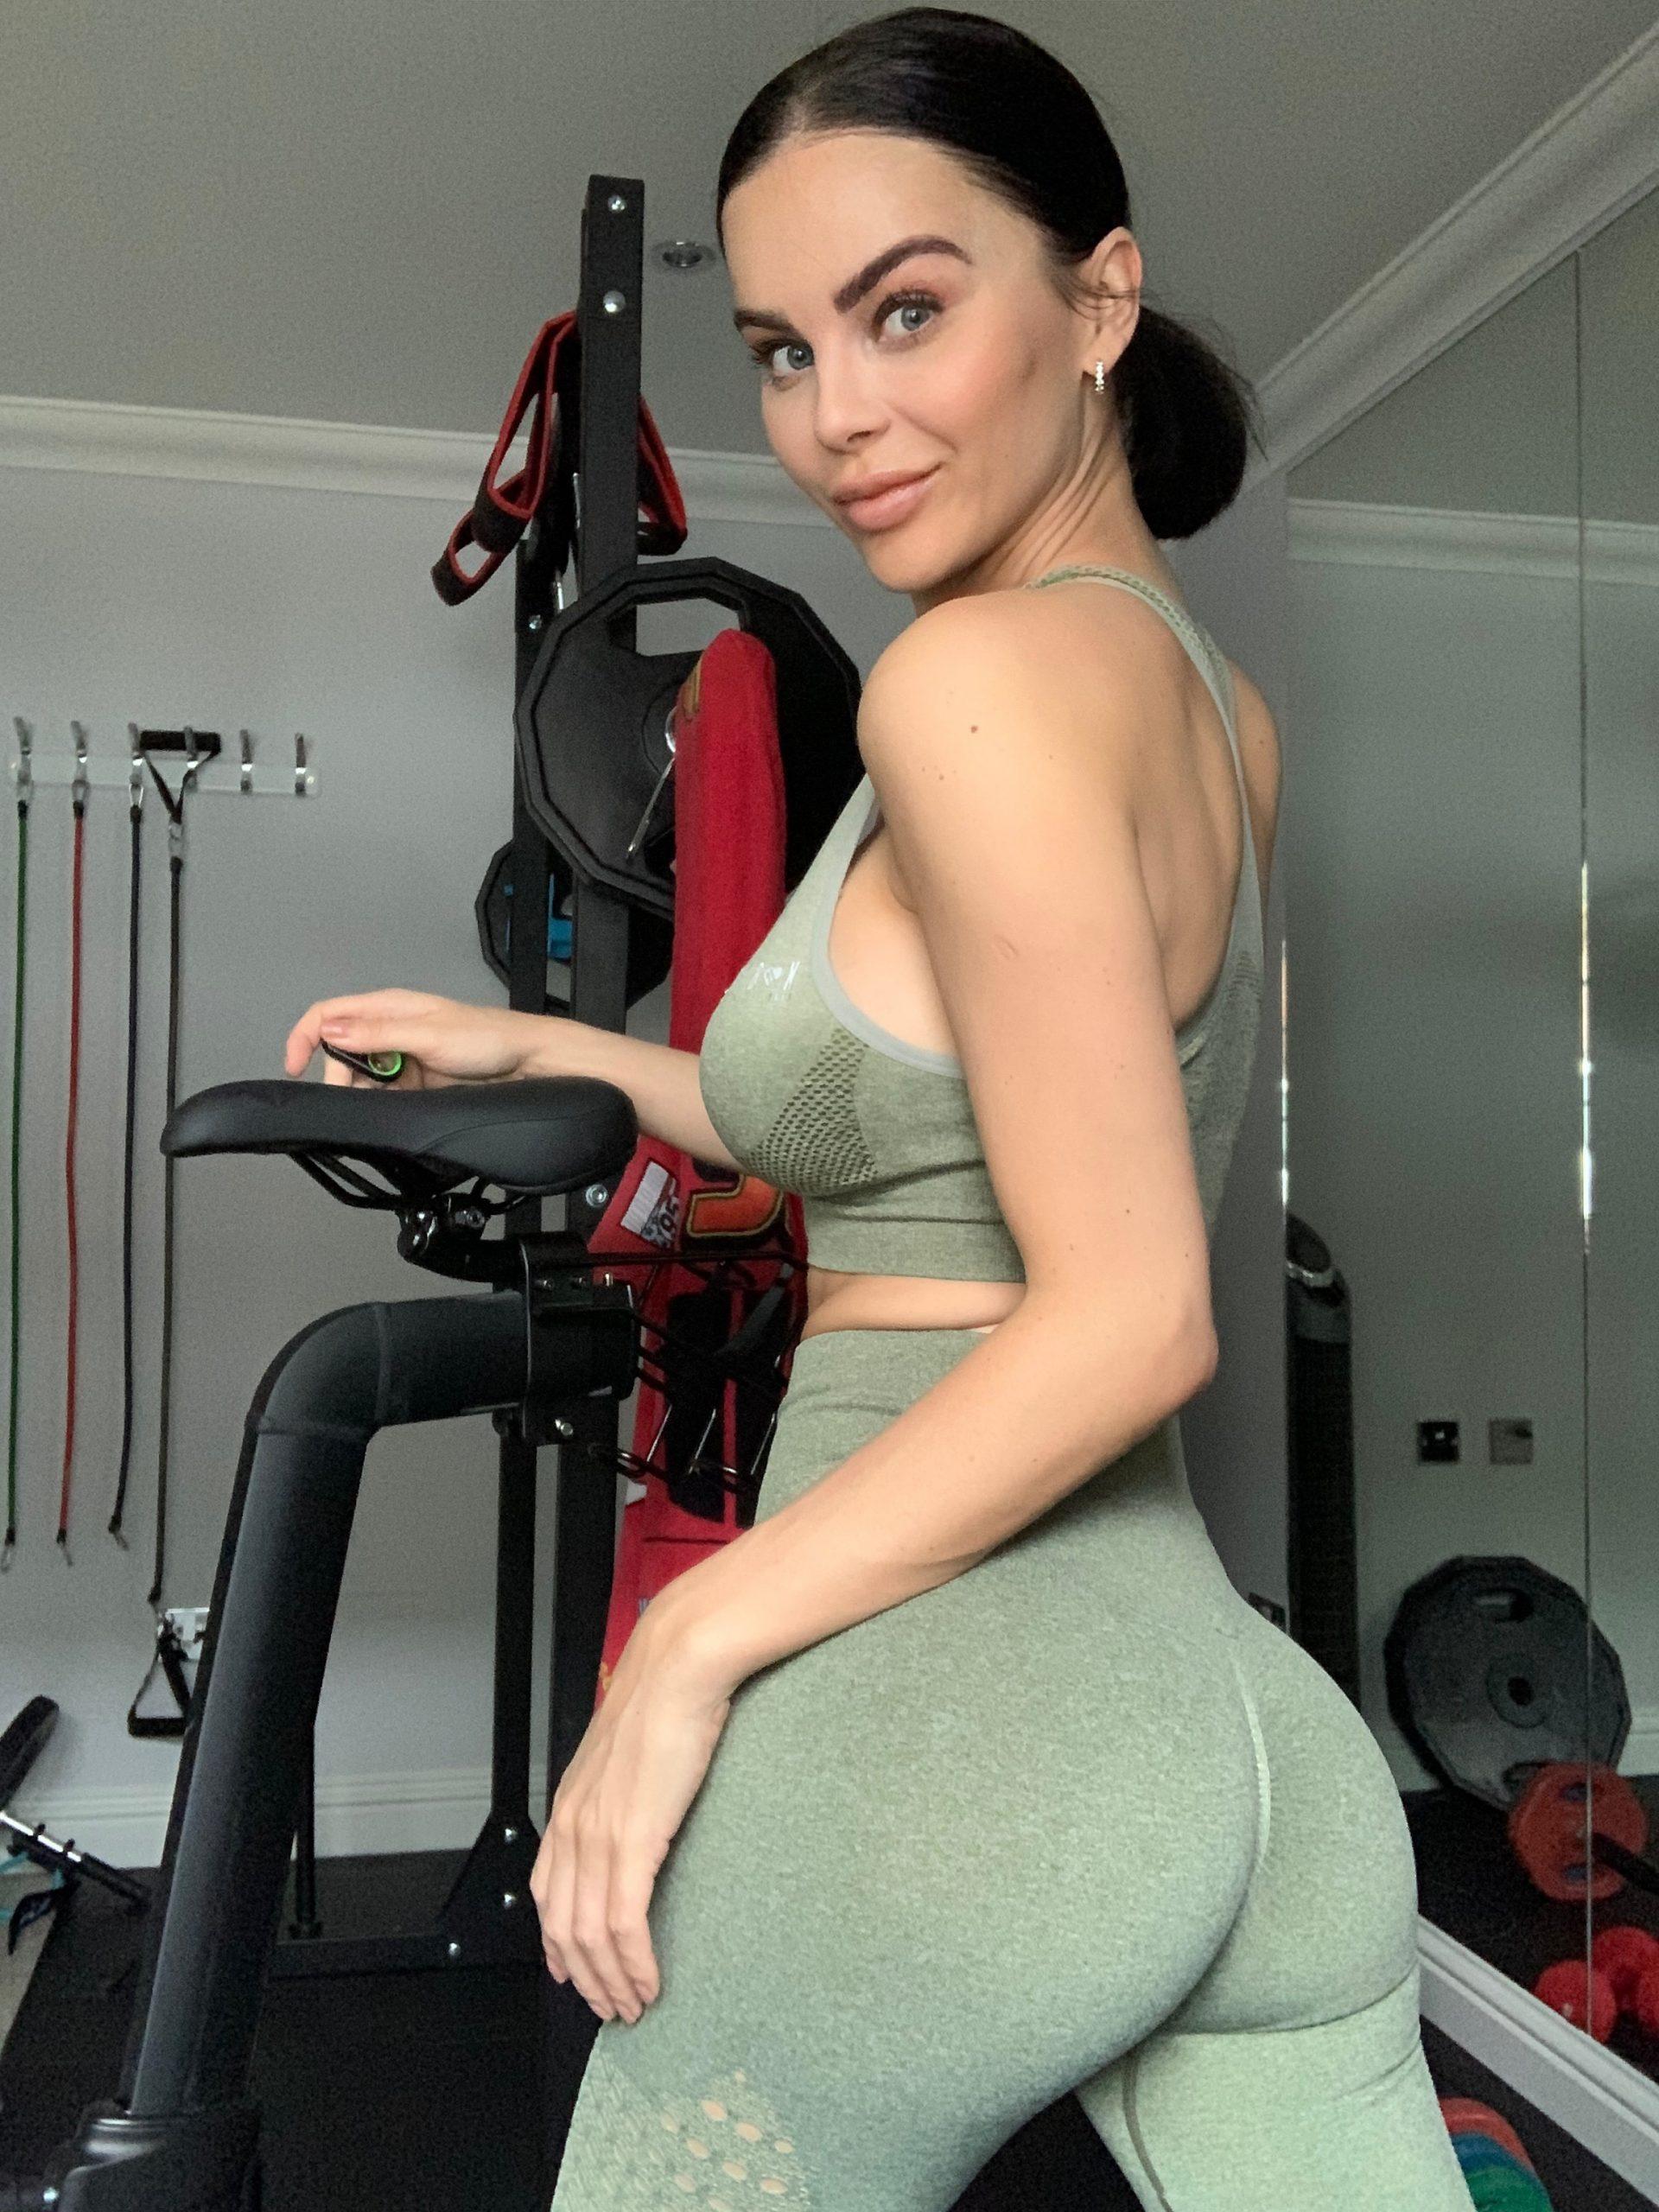 Gym Ting